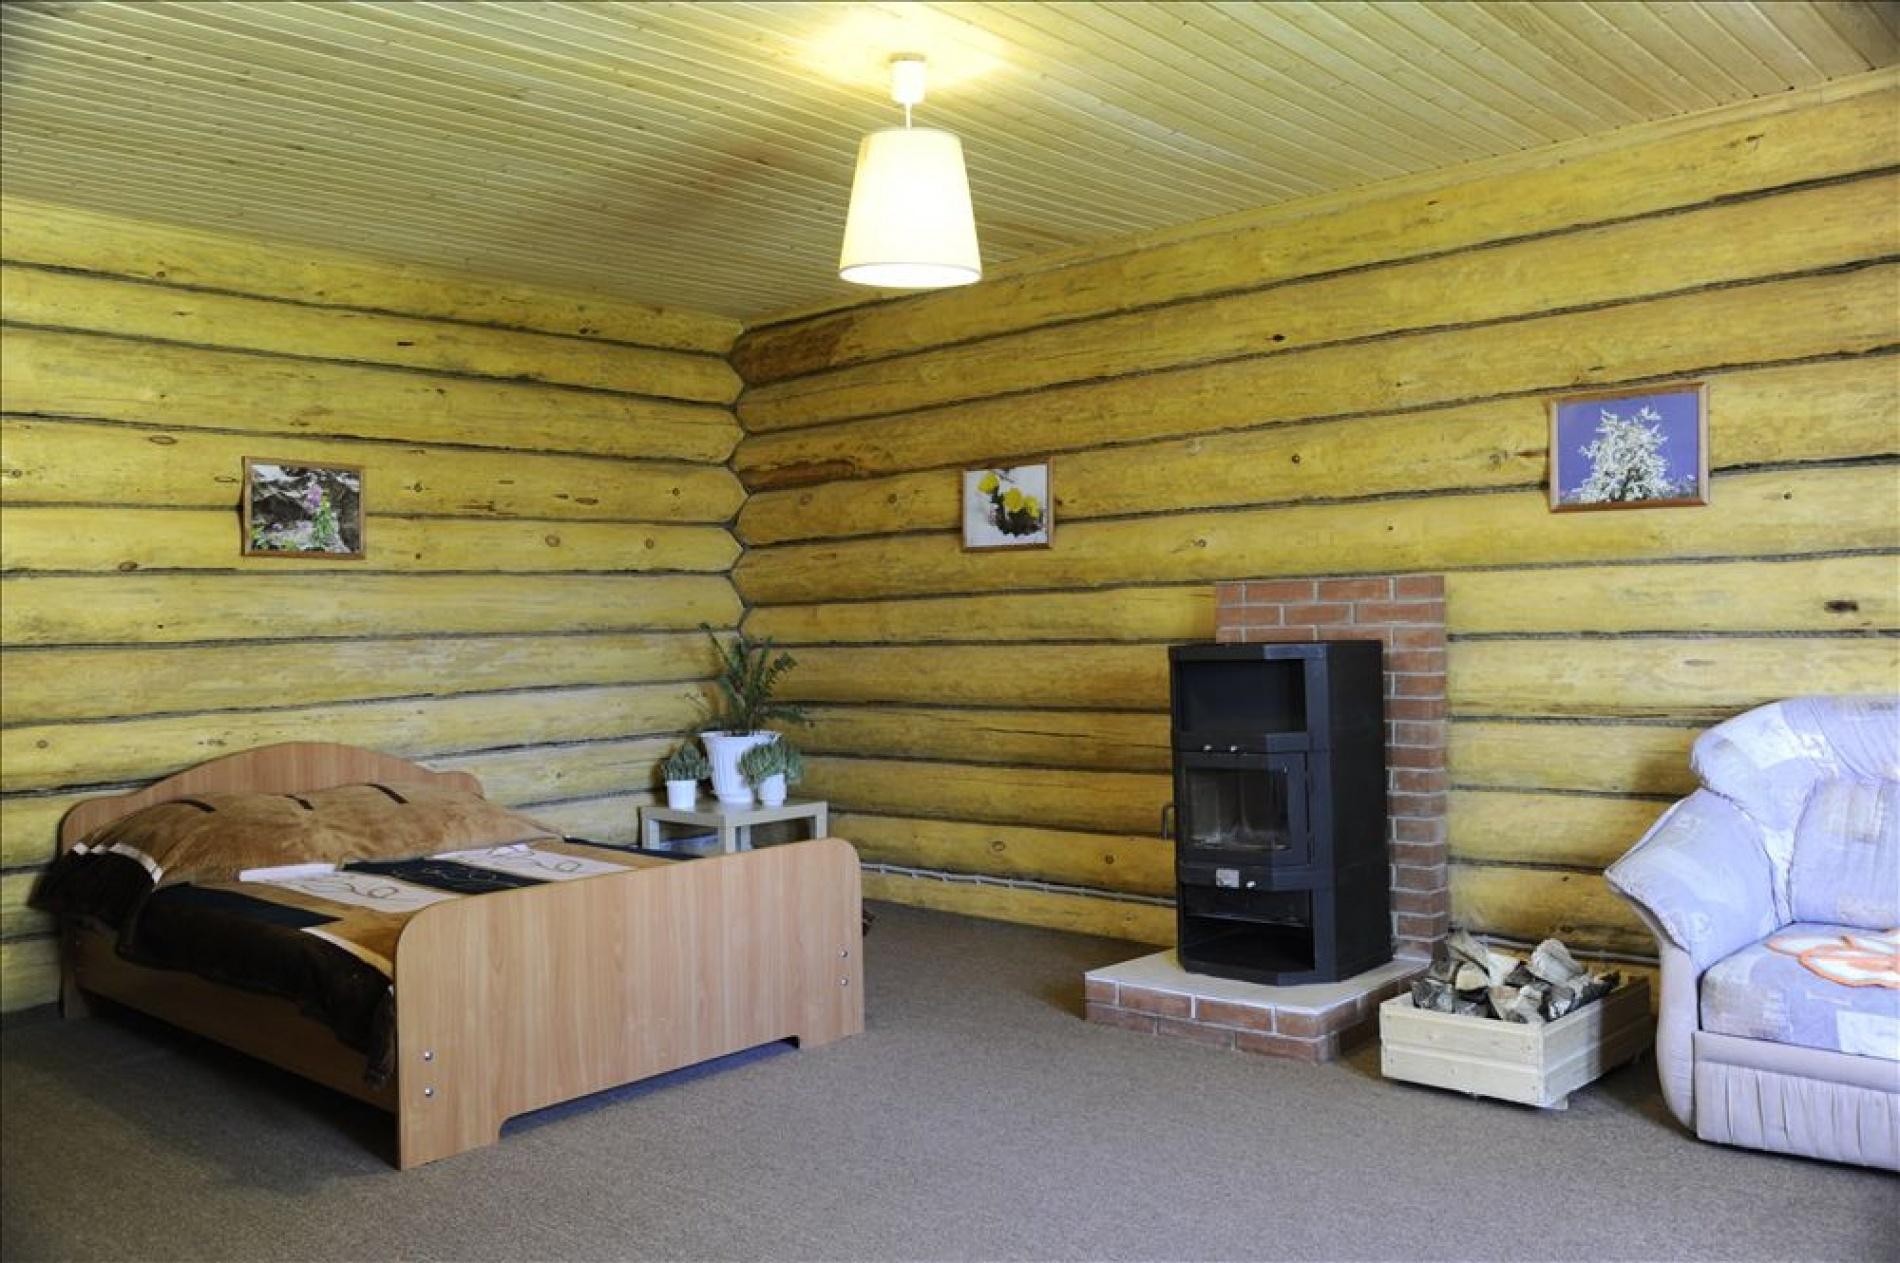 База отдыха «Сказка» Республика Башкортостан 4-местный дом, фото 3